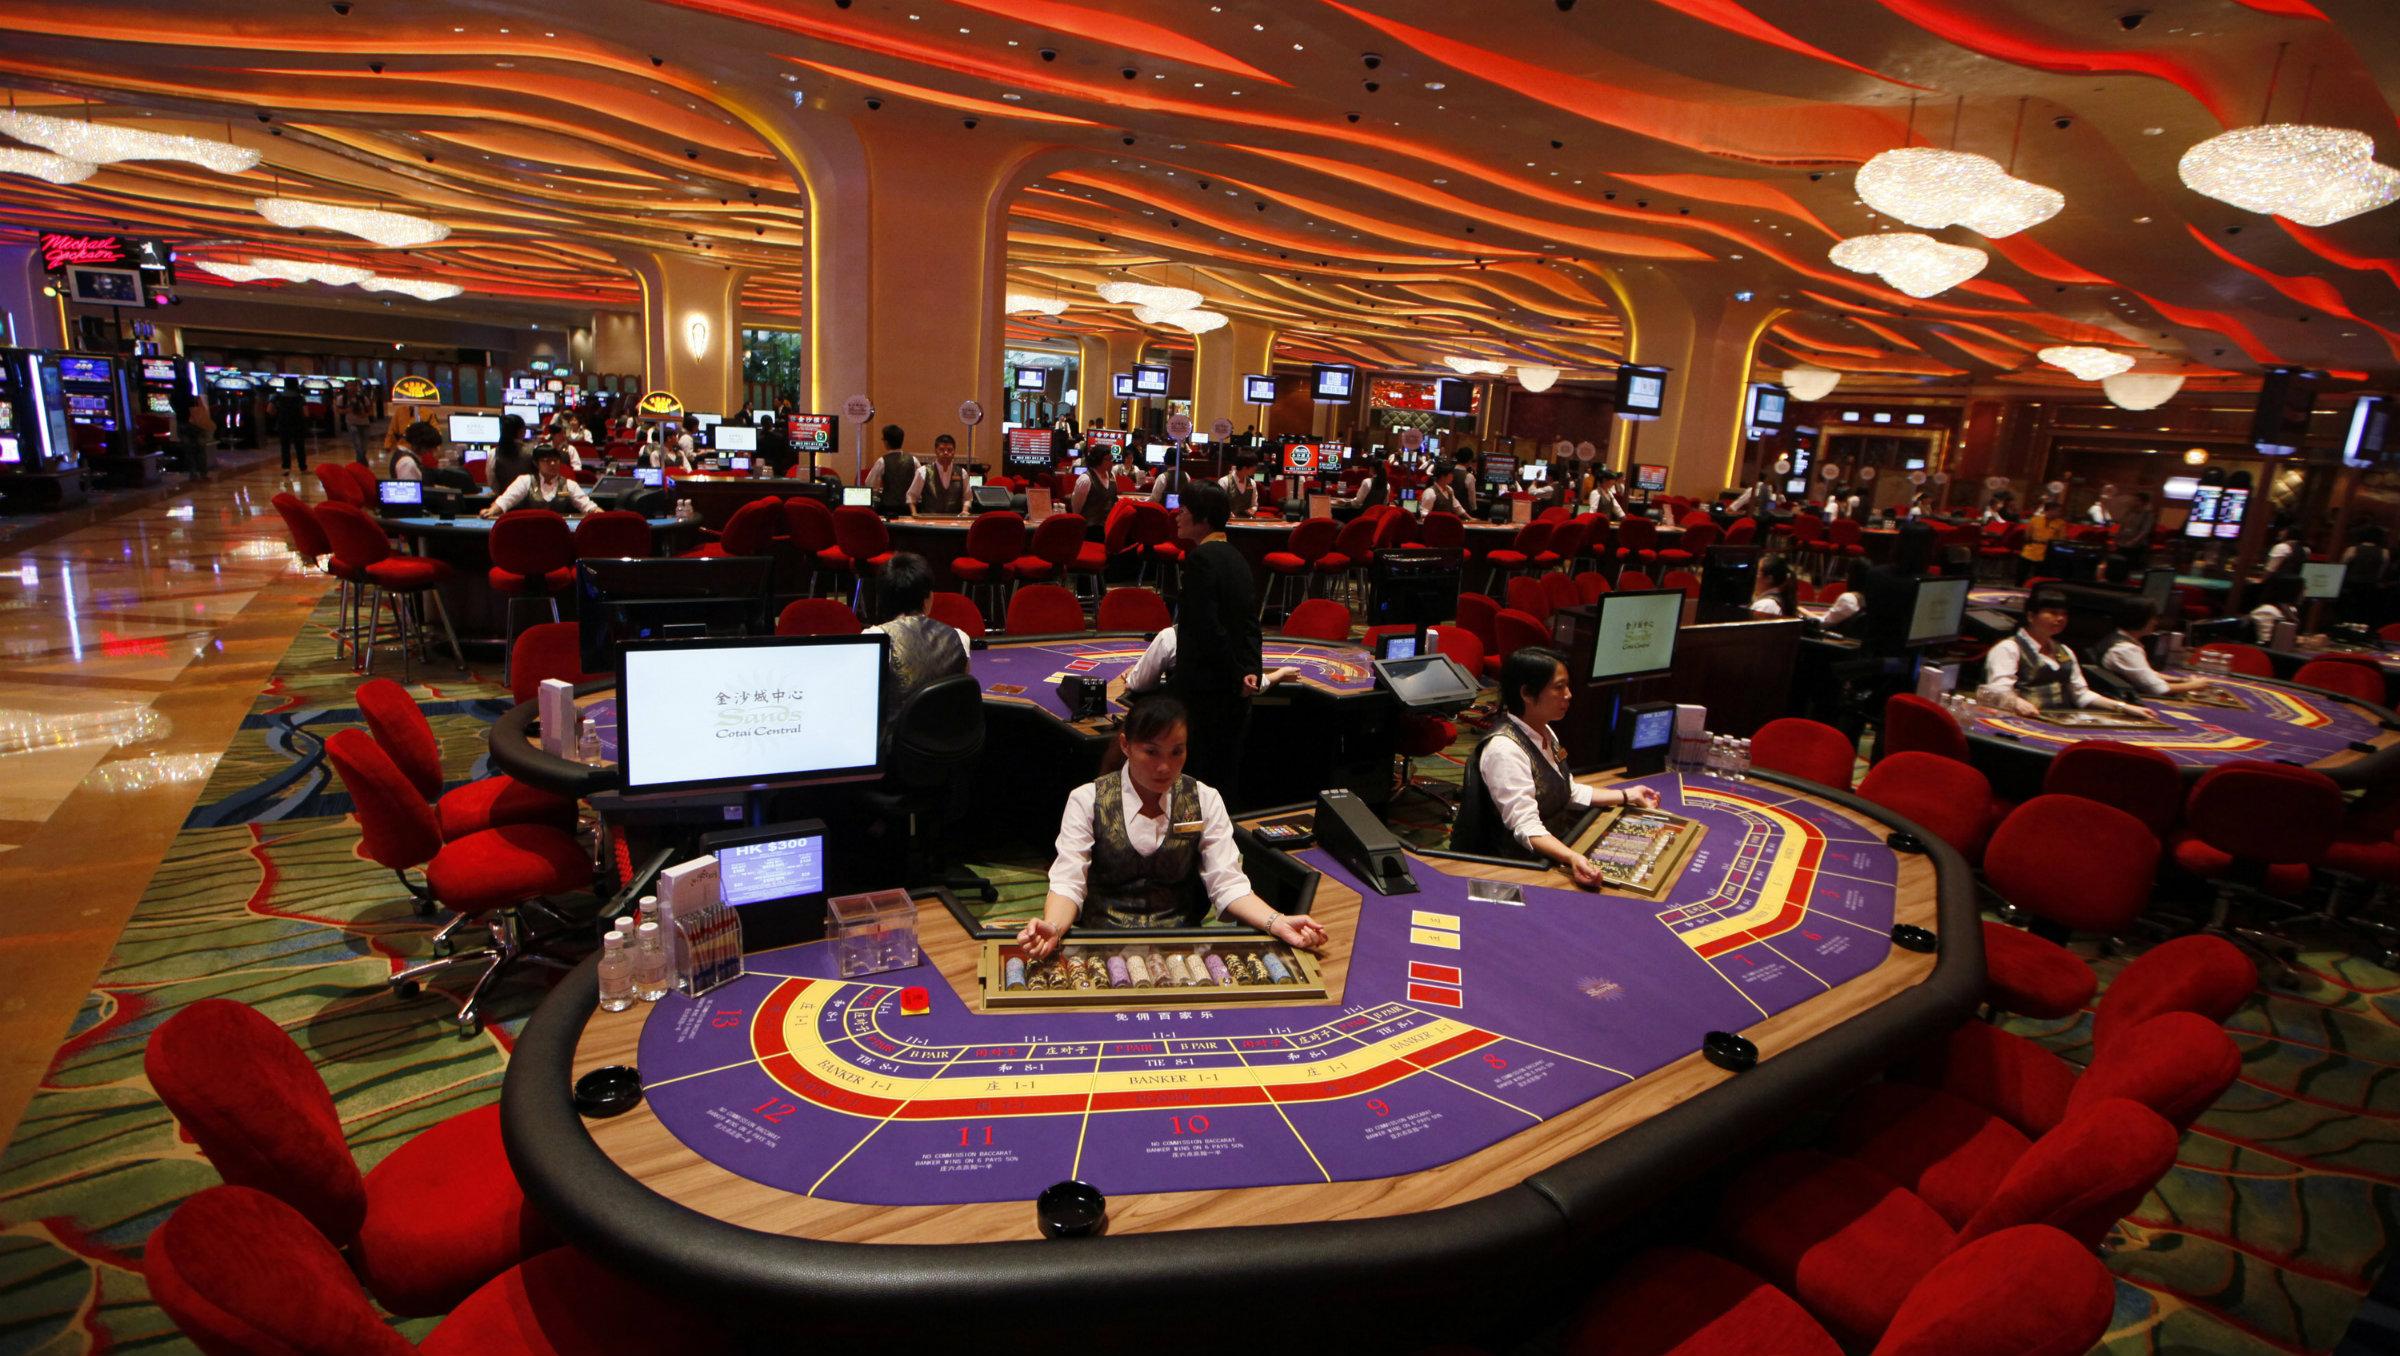 Macau S Casinos Have A Dangerous Addiction To Baccarat Quartz